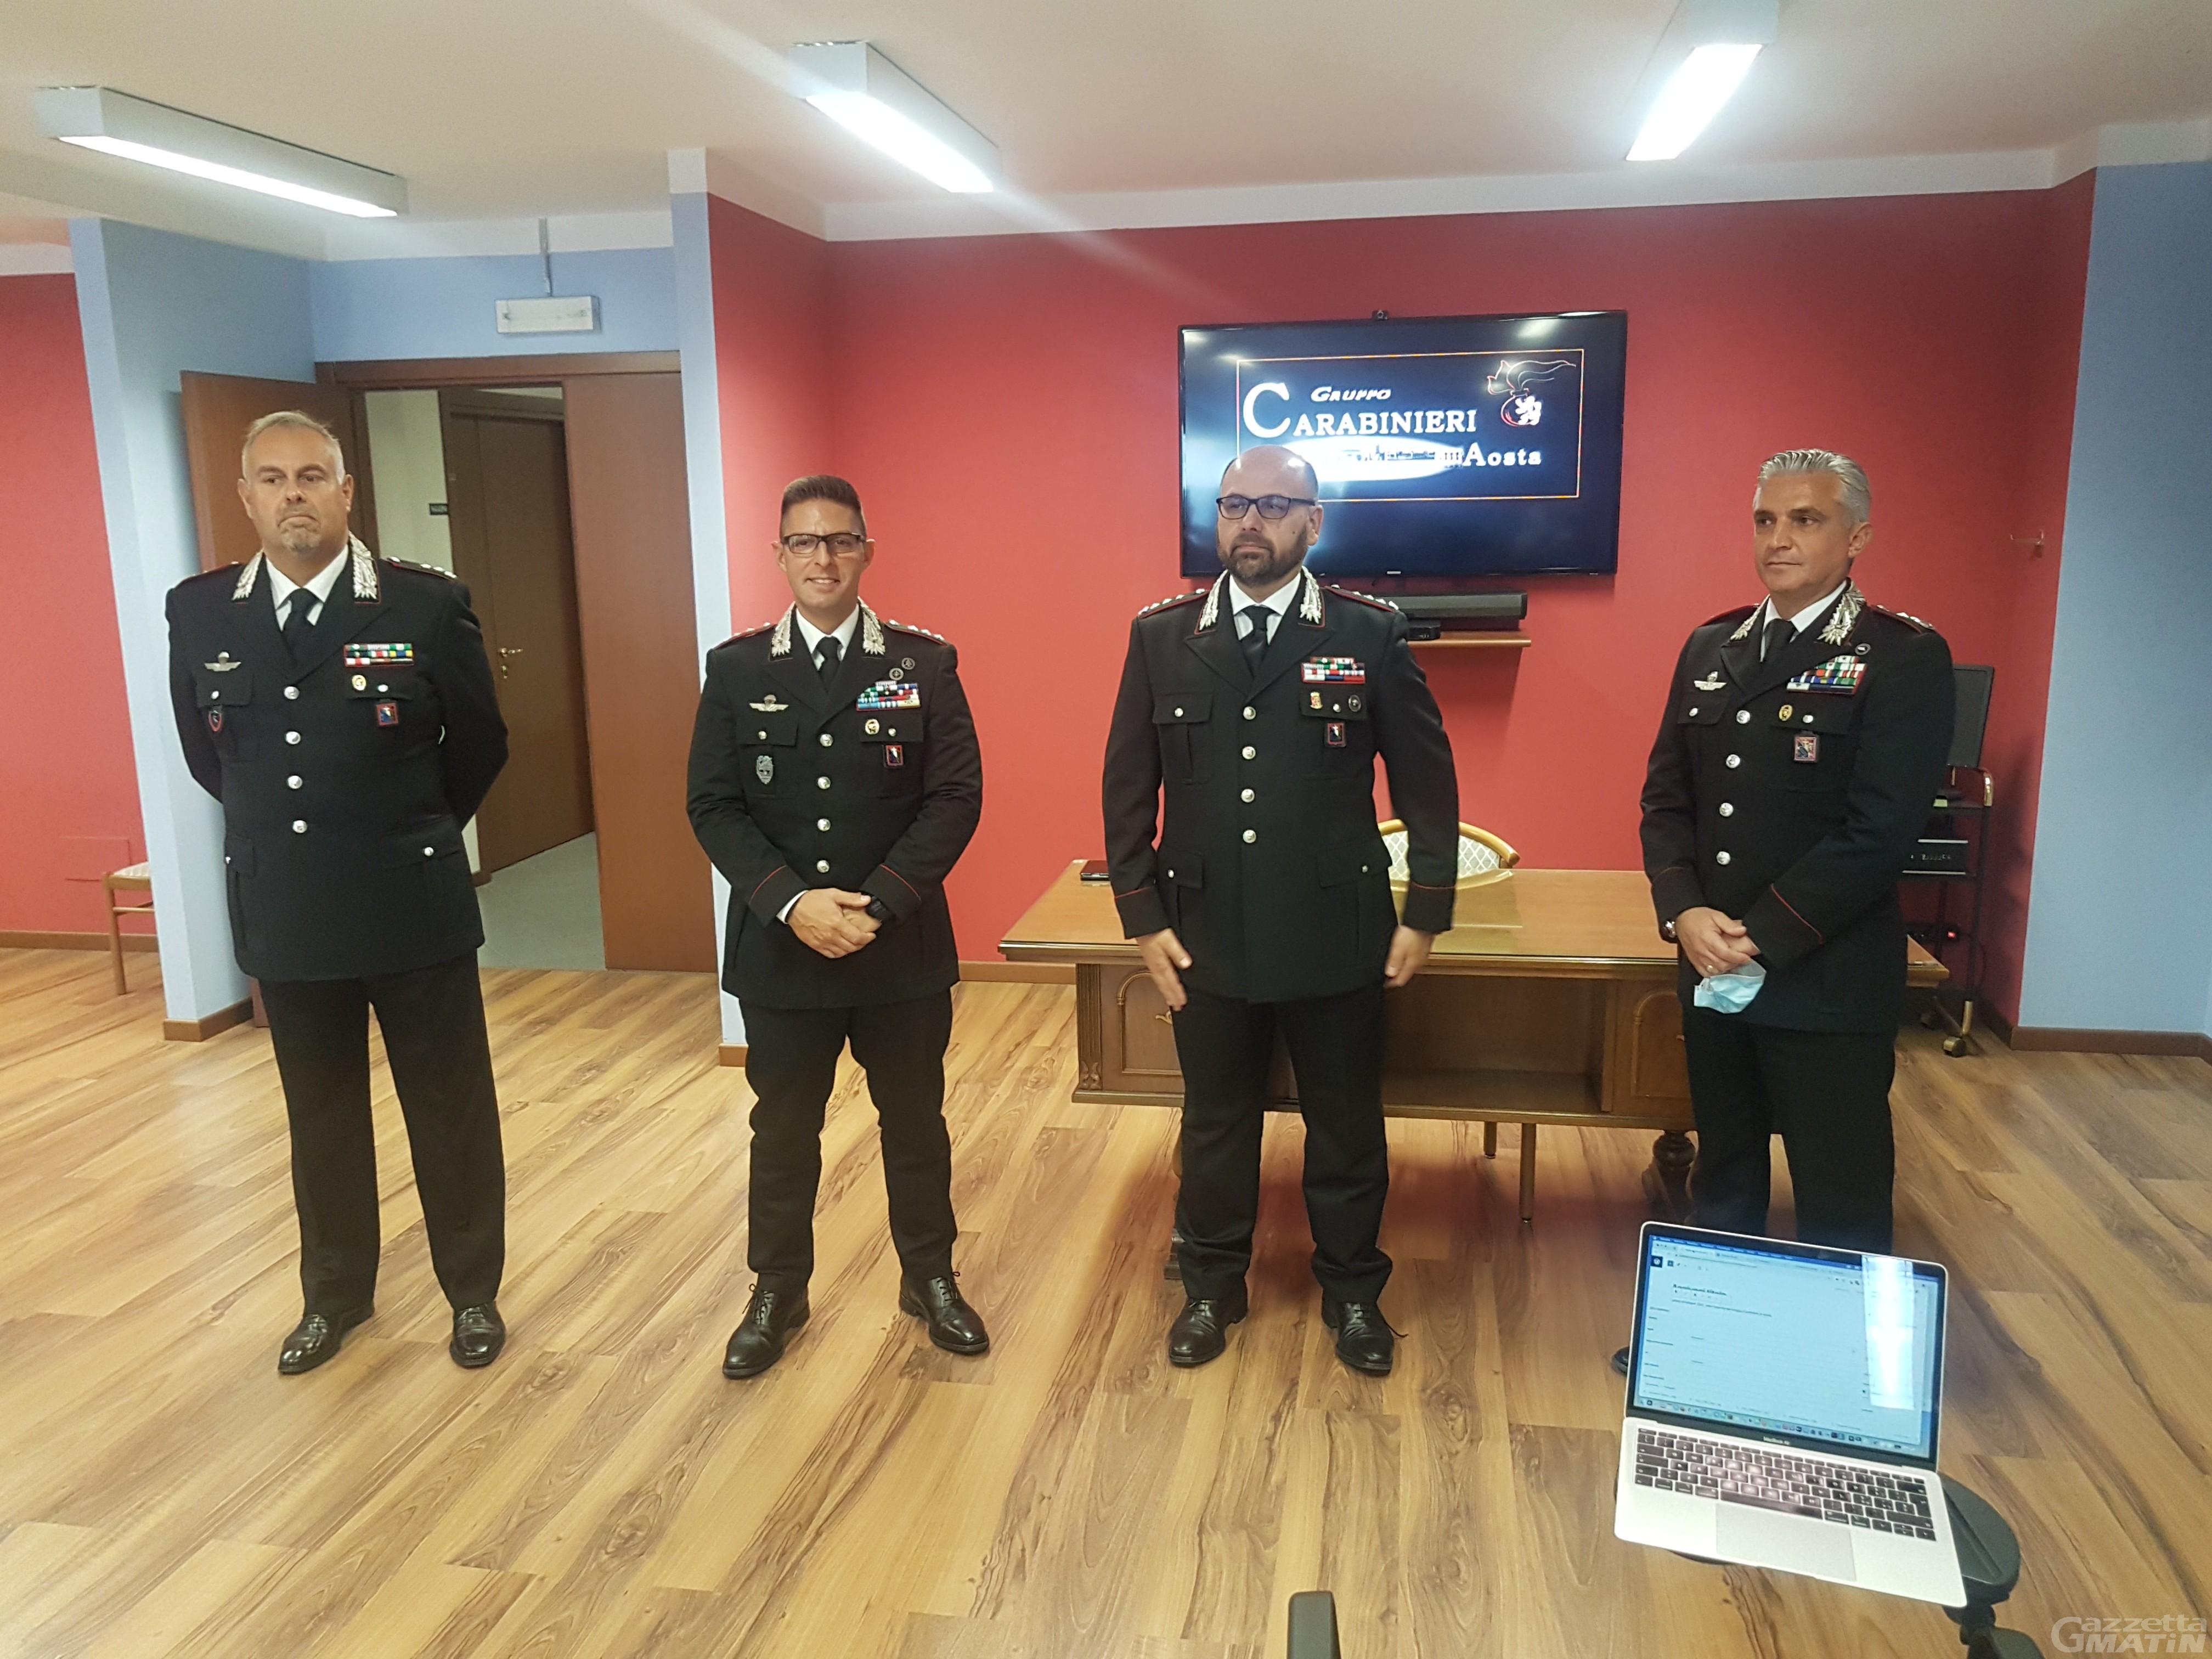 Carabinieri Valle d'Aosta: Tommaso Gioffreda comandante Reparto operativo